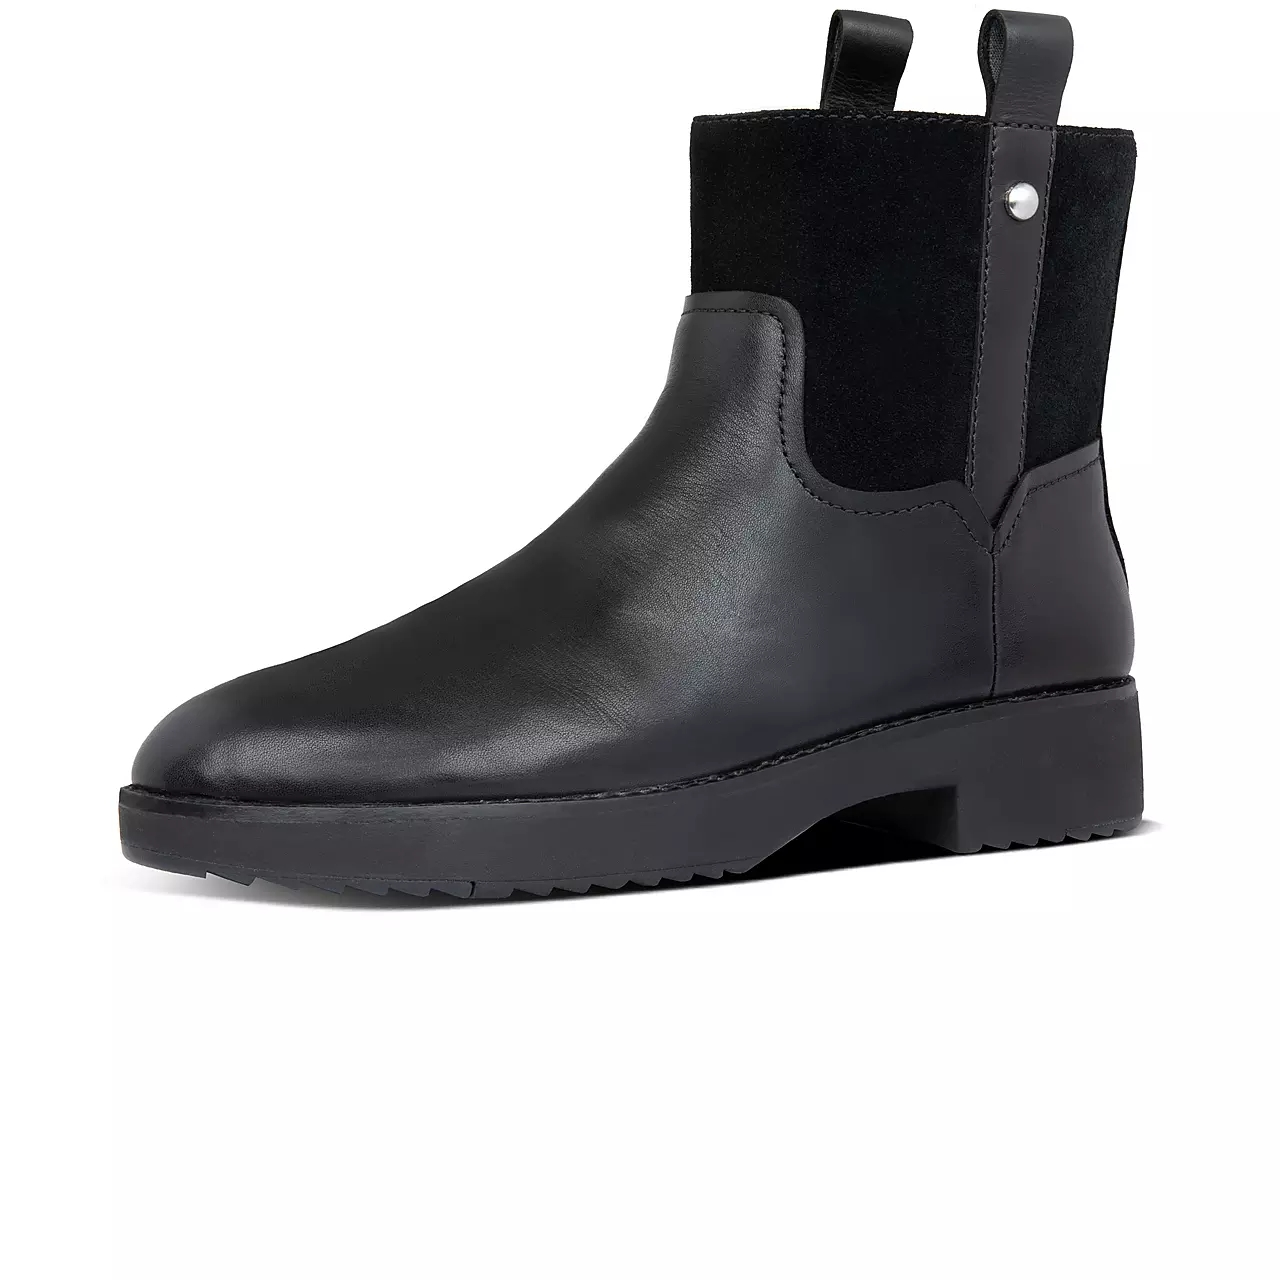 【2019網一】FitFlop UK:精選 女士休閒時尚鞋履低至4折+額外8折